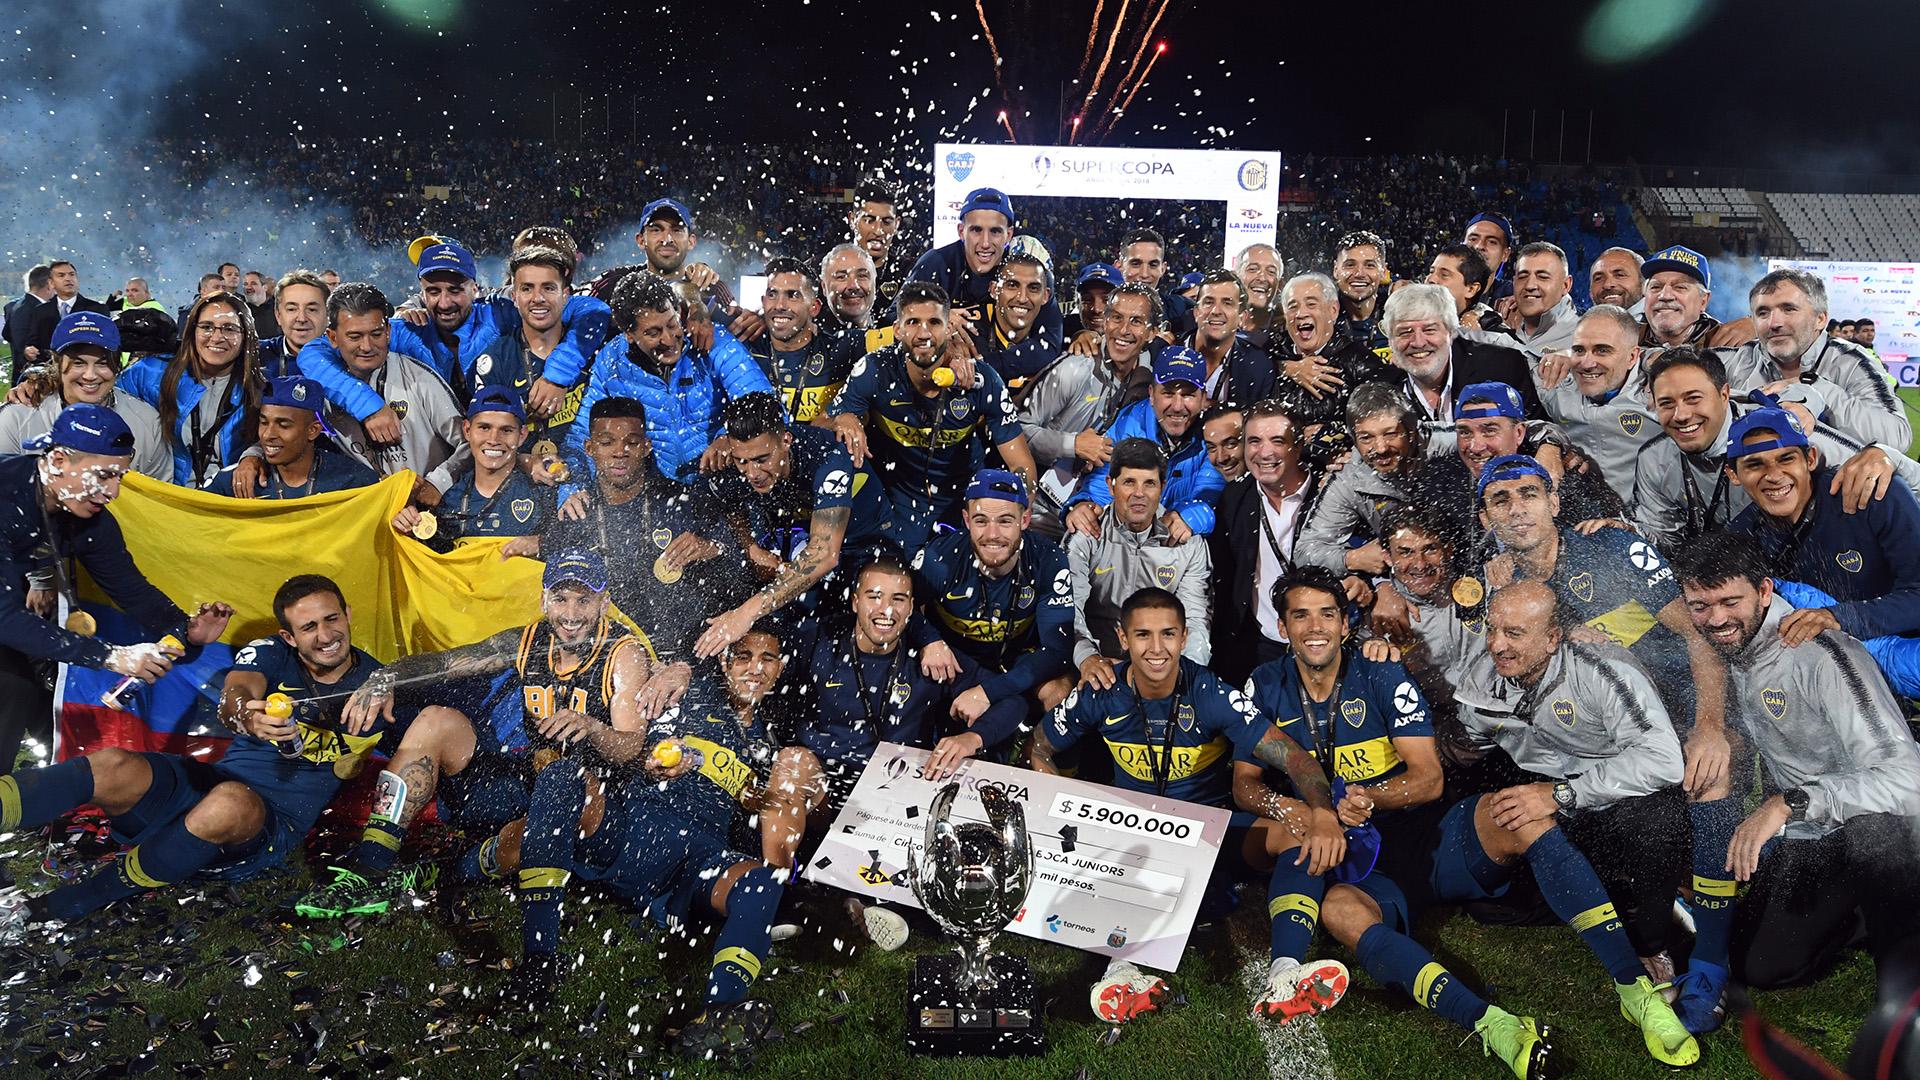 El festejo de Bocaluego de ganarla Supercopa Argentina al vencer por penales a Rosario CentralFoto: Alfredo Ponce/Telam